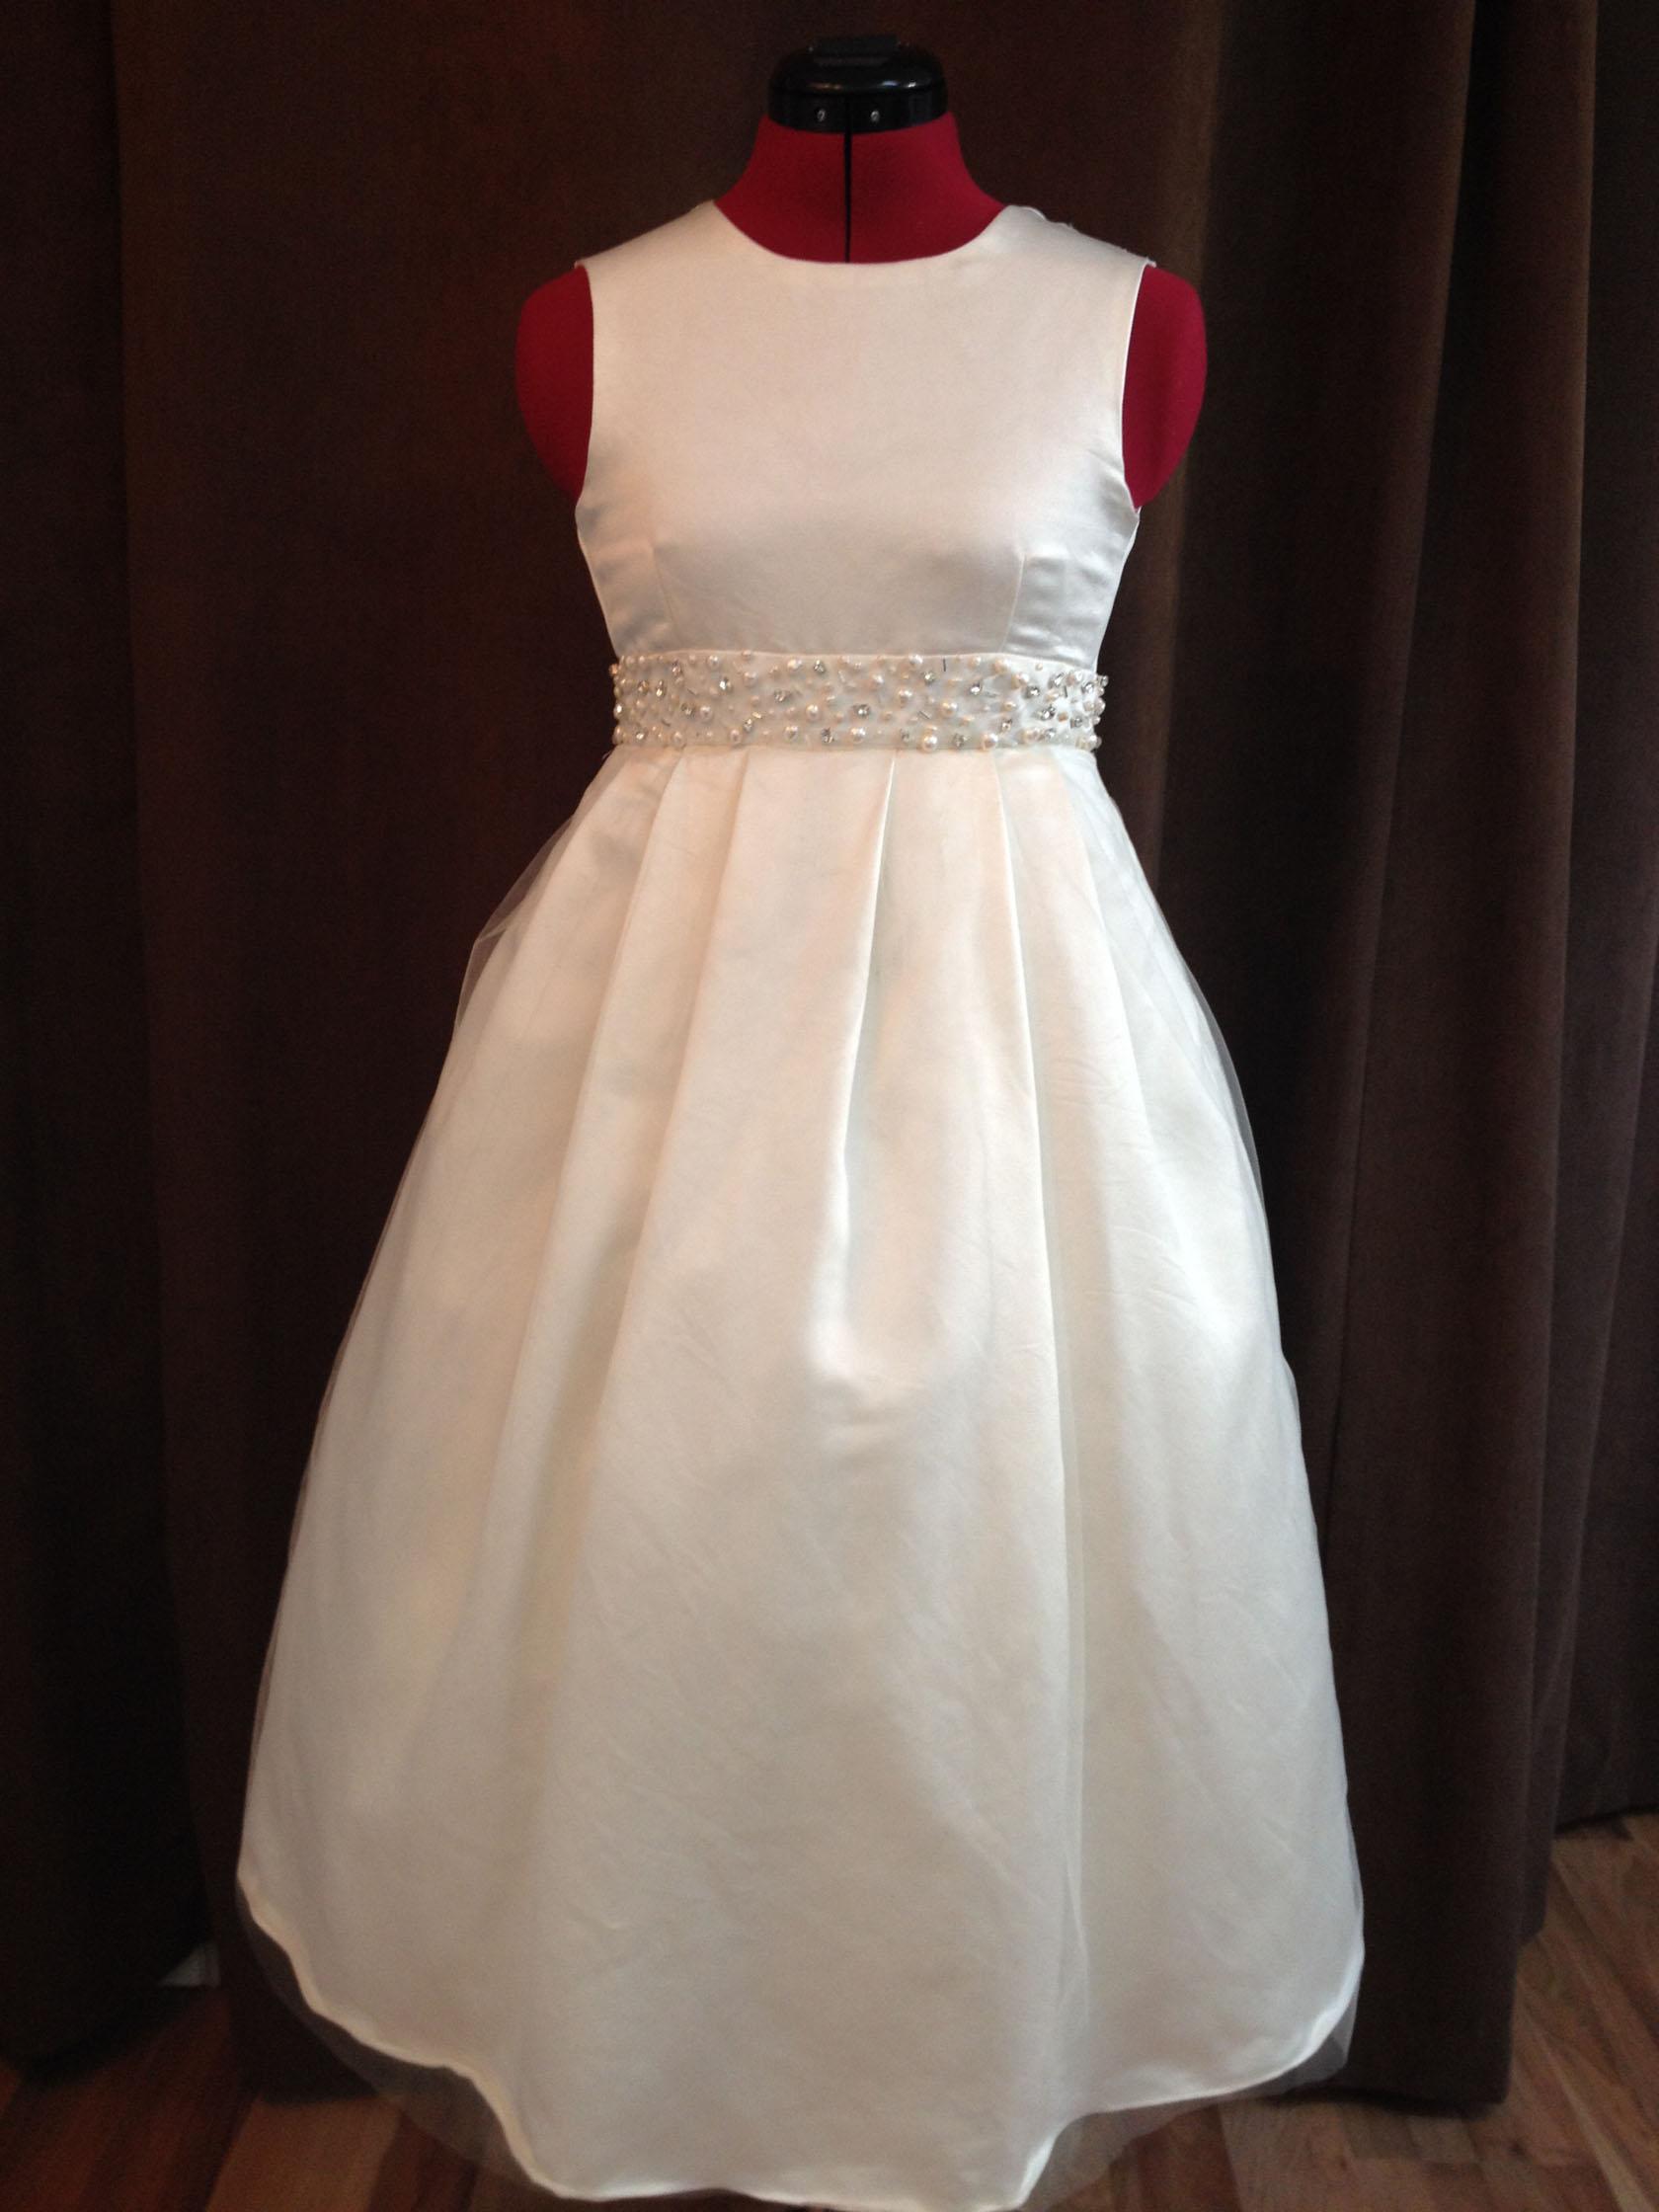 Confection Tulle et Crinoline robe demoiselle d'honneur